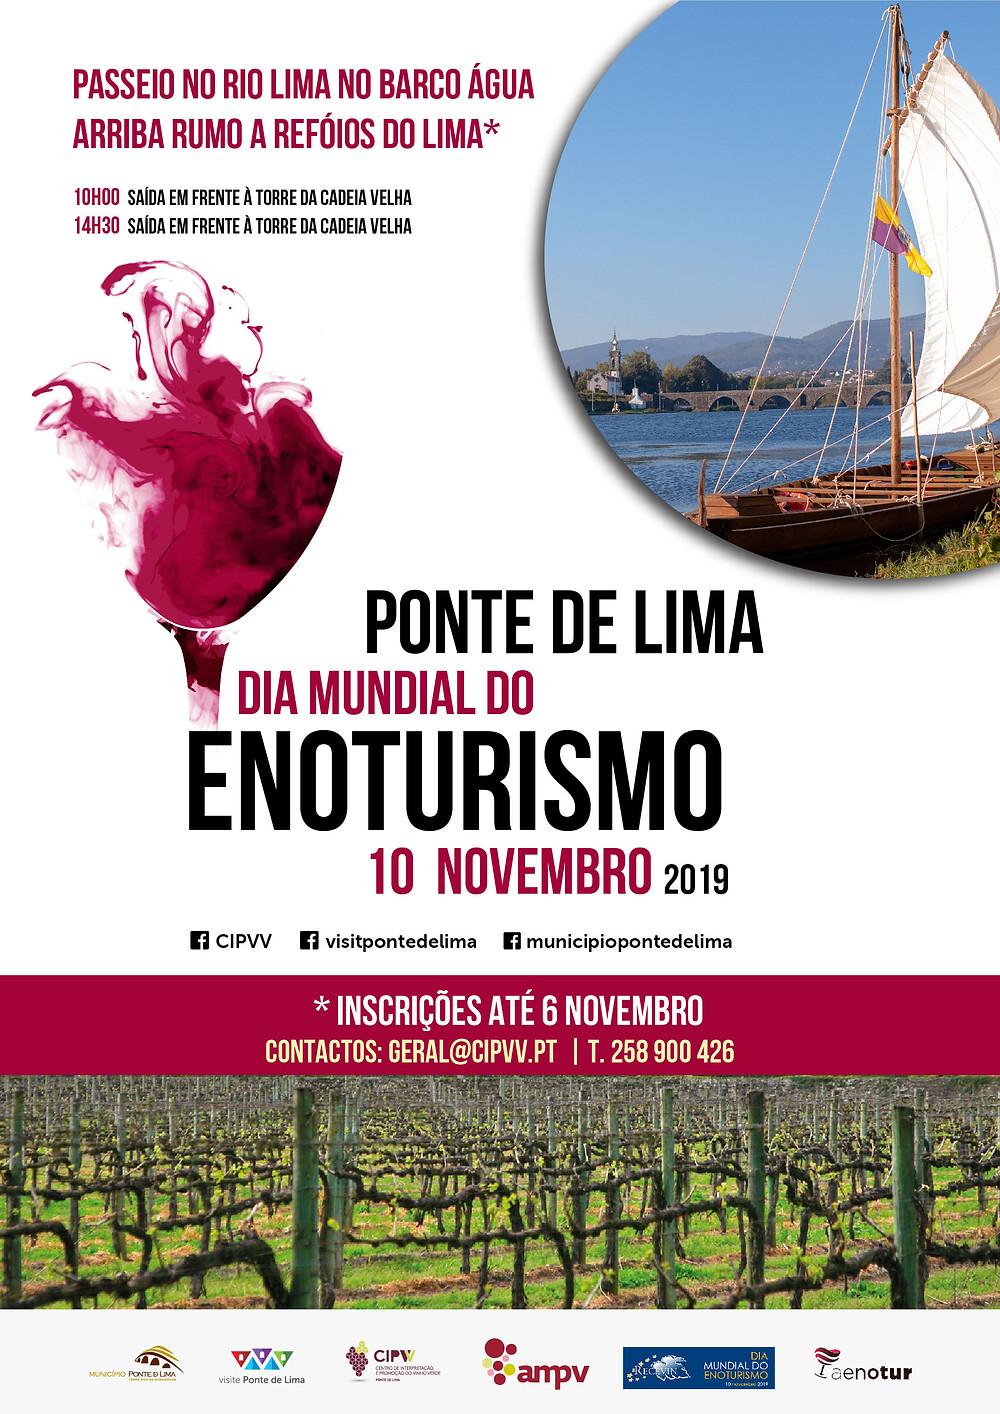 Dia Mundial do Enoturismo em Ponte de Lima